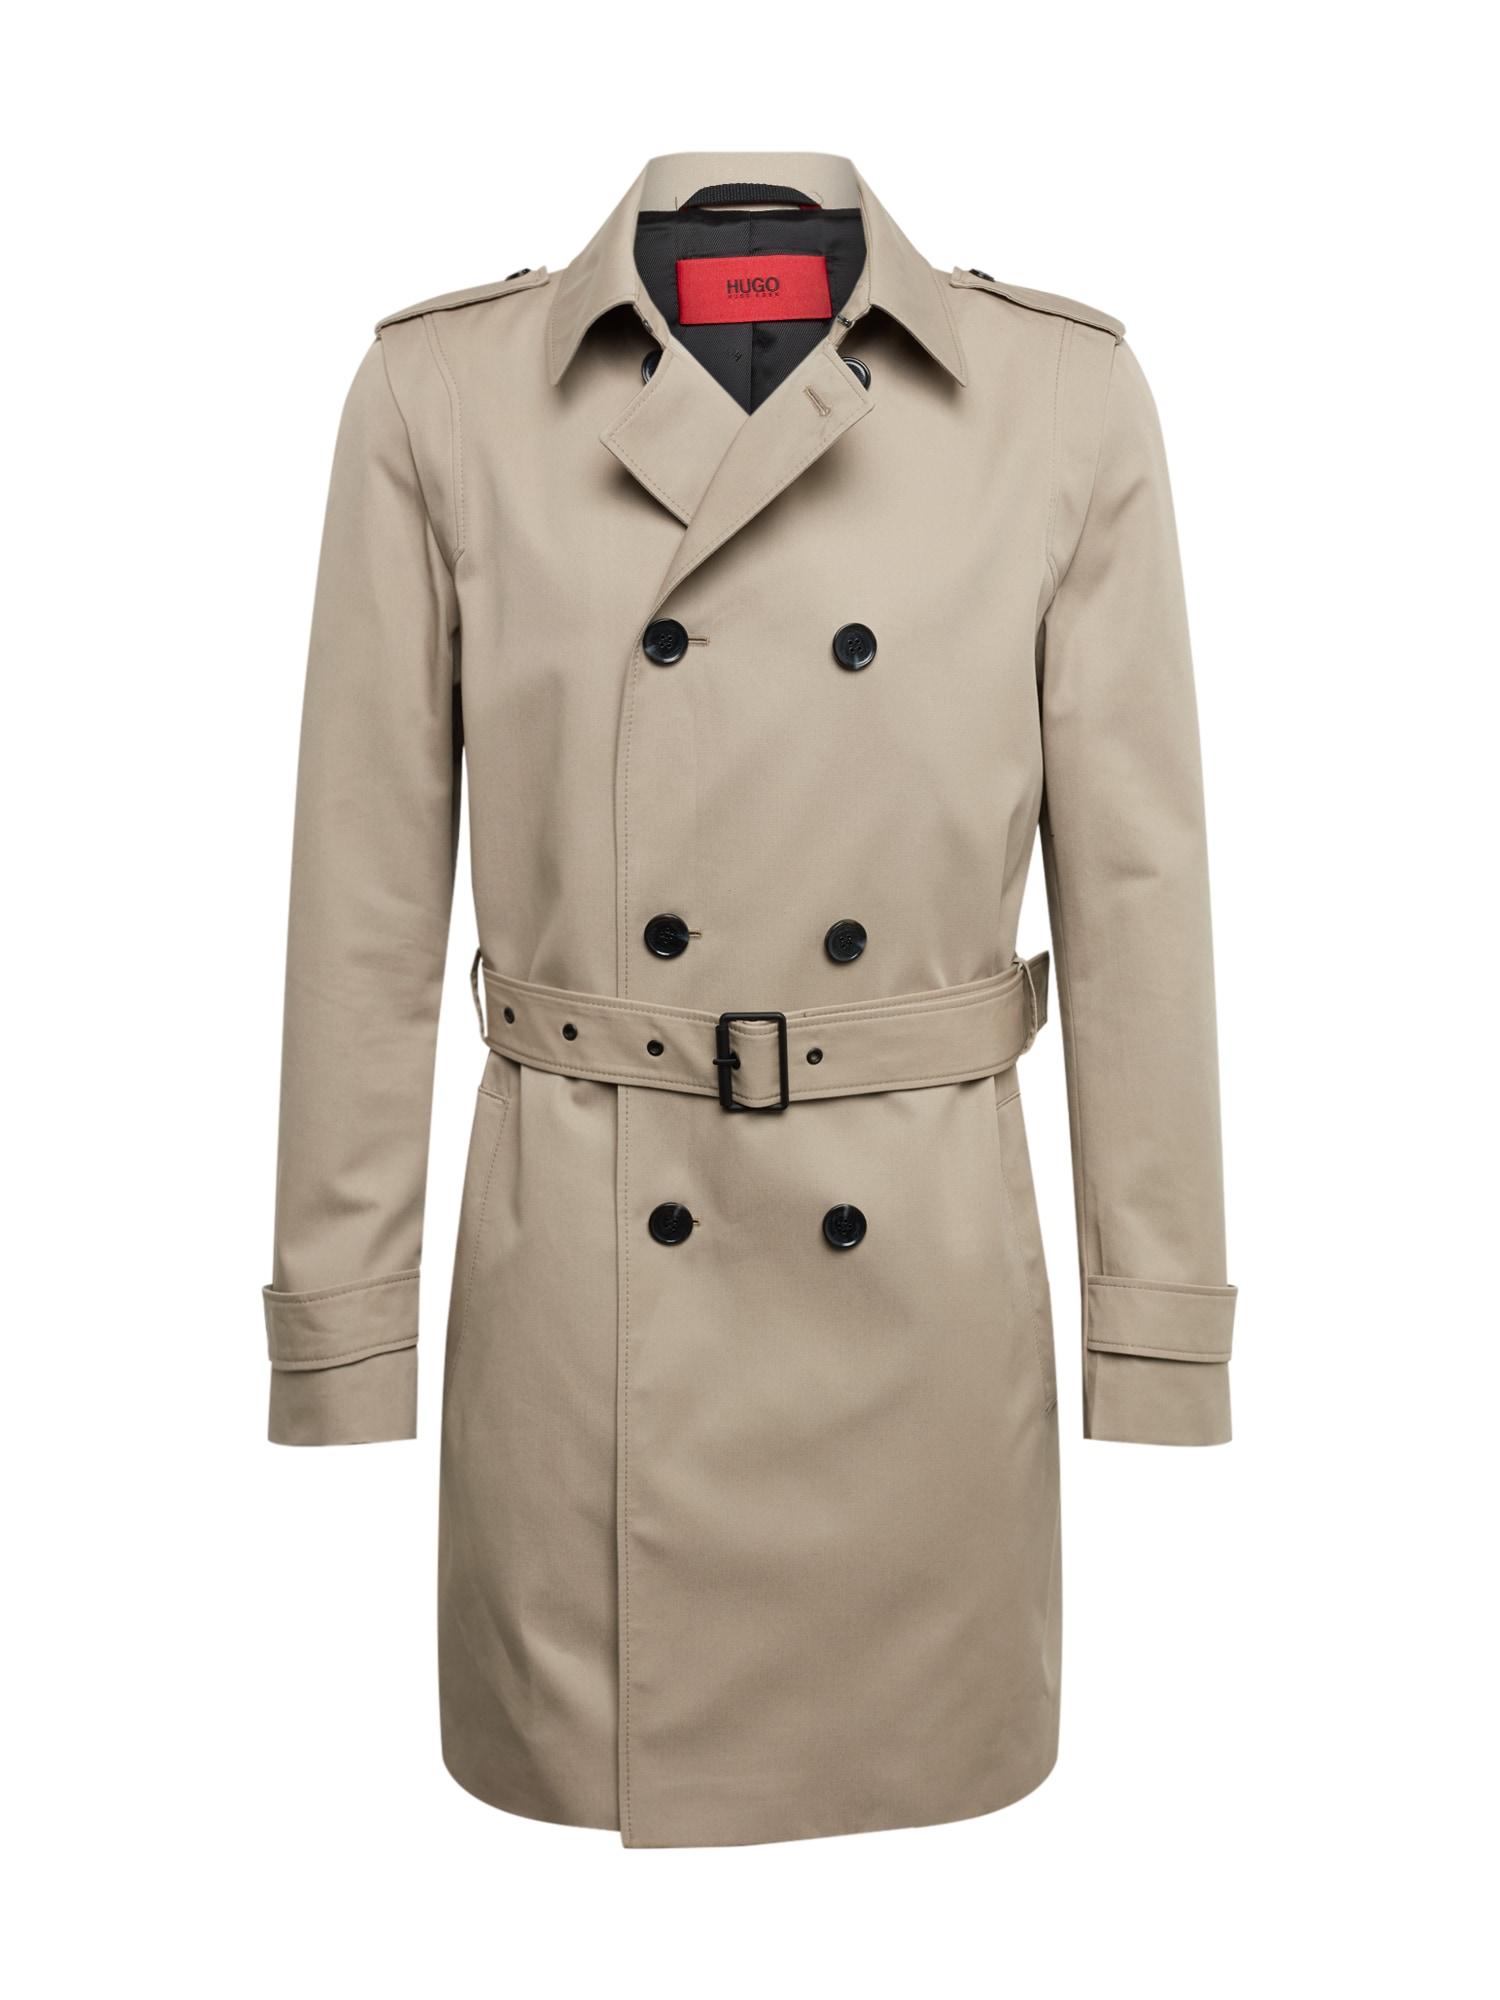 HUGO Rudeninis-žieminis paltas 'Marden2021' smėlio